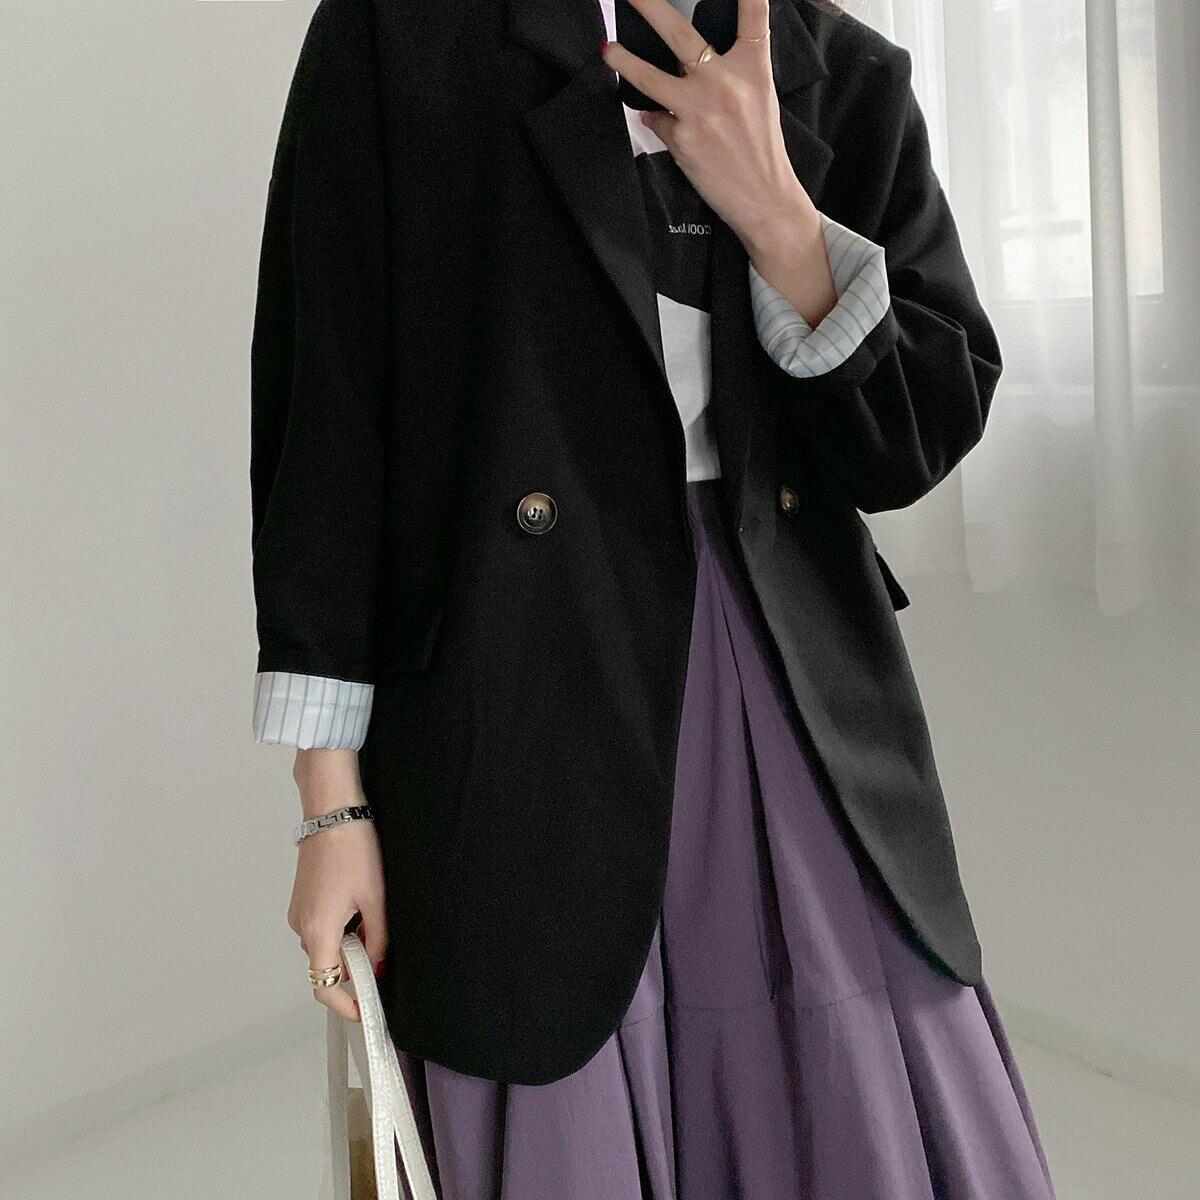 110214復古寬鬆廓形西裝外套女春秋季長袖純色時尚氣質休閒西服